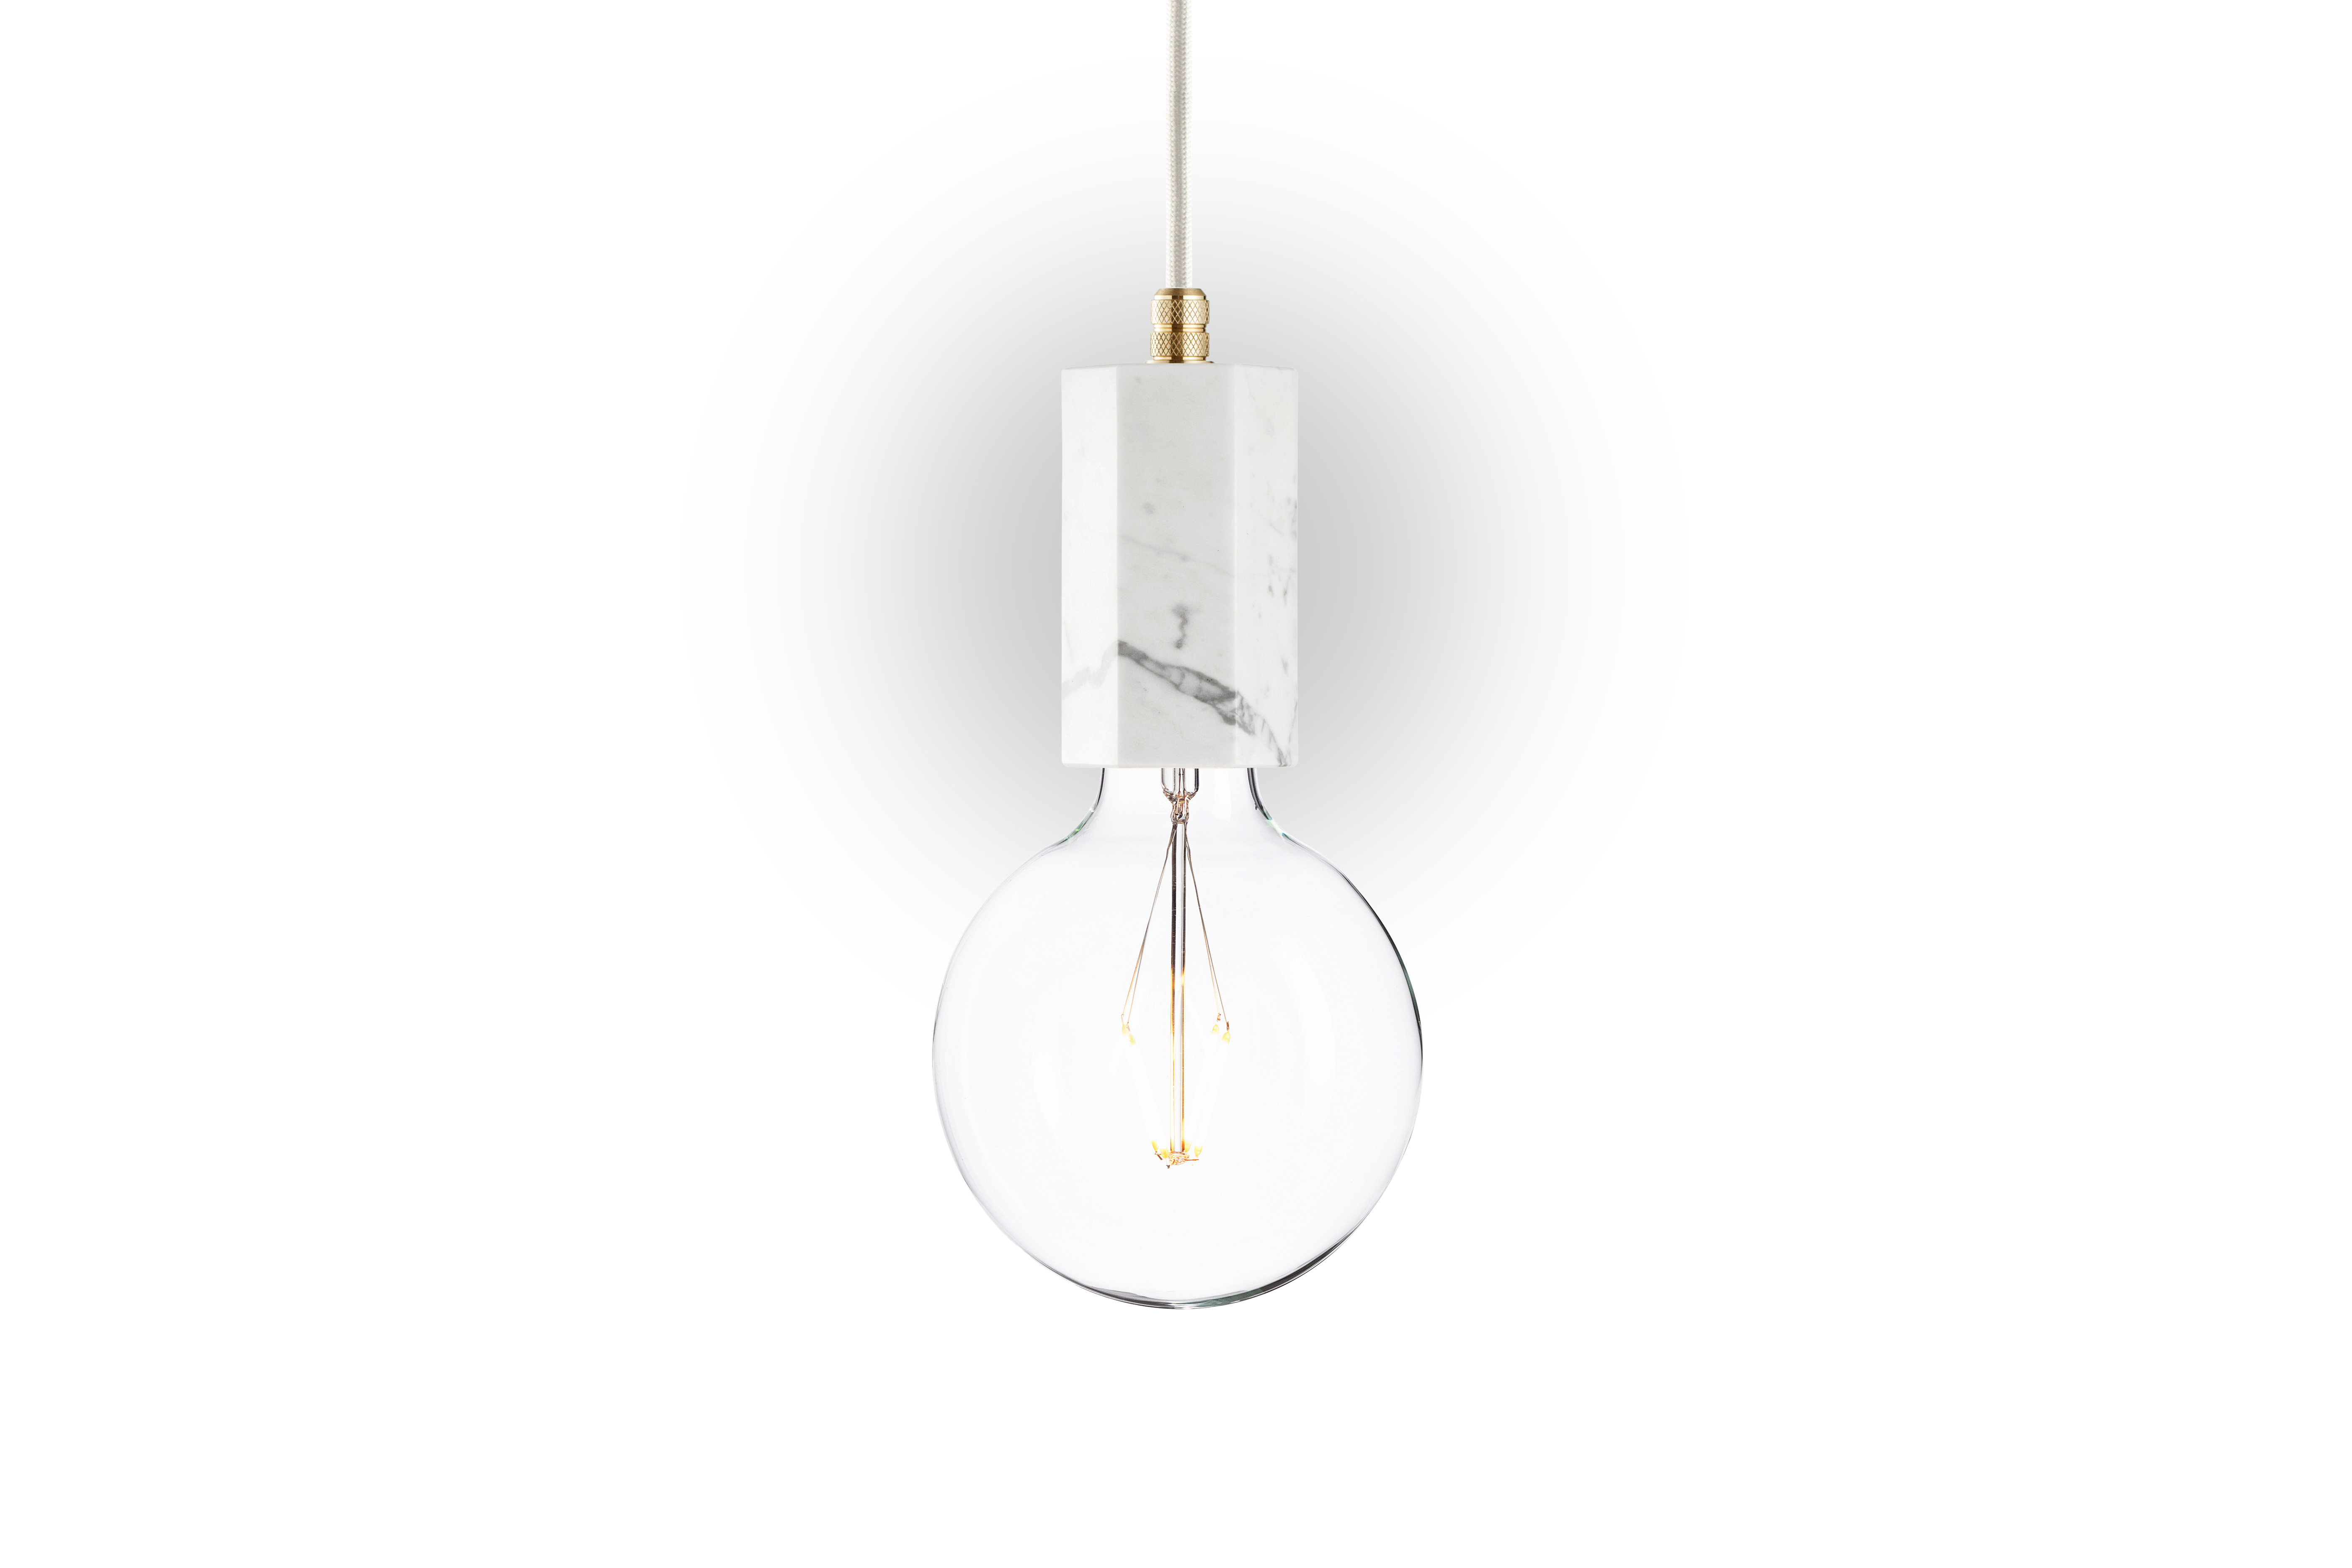 Подвесной светильник Marmor TromПодвесные светильники<br>Подвесной светильник &amp;quot;Marmor Trom&amp;quot; ? превосходный пример элегантного оформления, в котором простота встречается с роскошью. Строгая геометрия основания дарит лампе лоск минимализма. Изысканный узор настоящего белого мрамора позволяет светильнику в стиле лофт завораживать своей утонченностью каждого.&amp;lt;div&amp;gt;&amp;lt;br&amp;gt;&amp;lt;/div&amp;gt;&amp;lt;div&amp;gt;Лампочка приобретается отдельно. Цоколь Е27, максимальная мощность лампочки - 60 W, длина шнура - 3 м.&amp;amp;nbsp;&amp;amp;nbsp;&amp;lt;/div&amp;gt;&amp;lt;div&amp;gt;Материал: корпус - мрамор &amp;amp;nbsp;Bianco Carrara, фурнитура - латунь, сталь, патрон - пластик, кабель в оплетке. Под заказ. Срок изготовления 3 недели.&amp;amp;nbsp;&amp;lt;/div&amp;gt;<br><br>Material: Мрамор<br>Высота см: 12